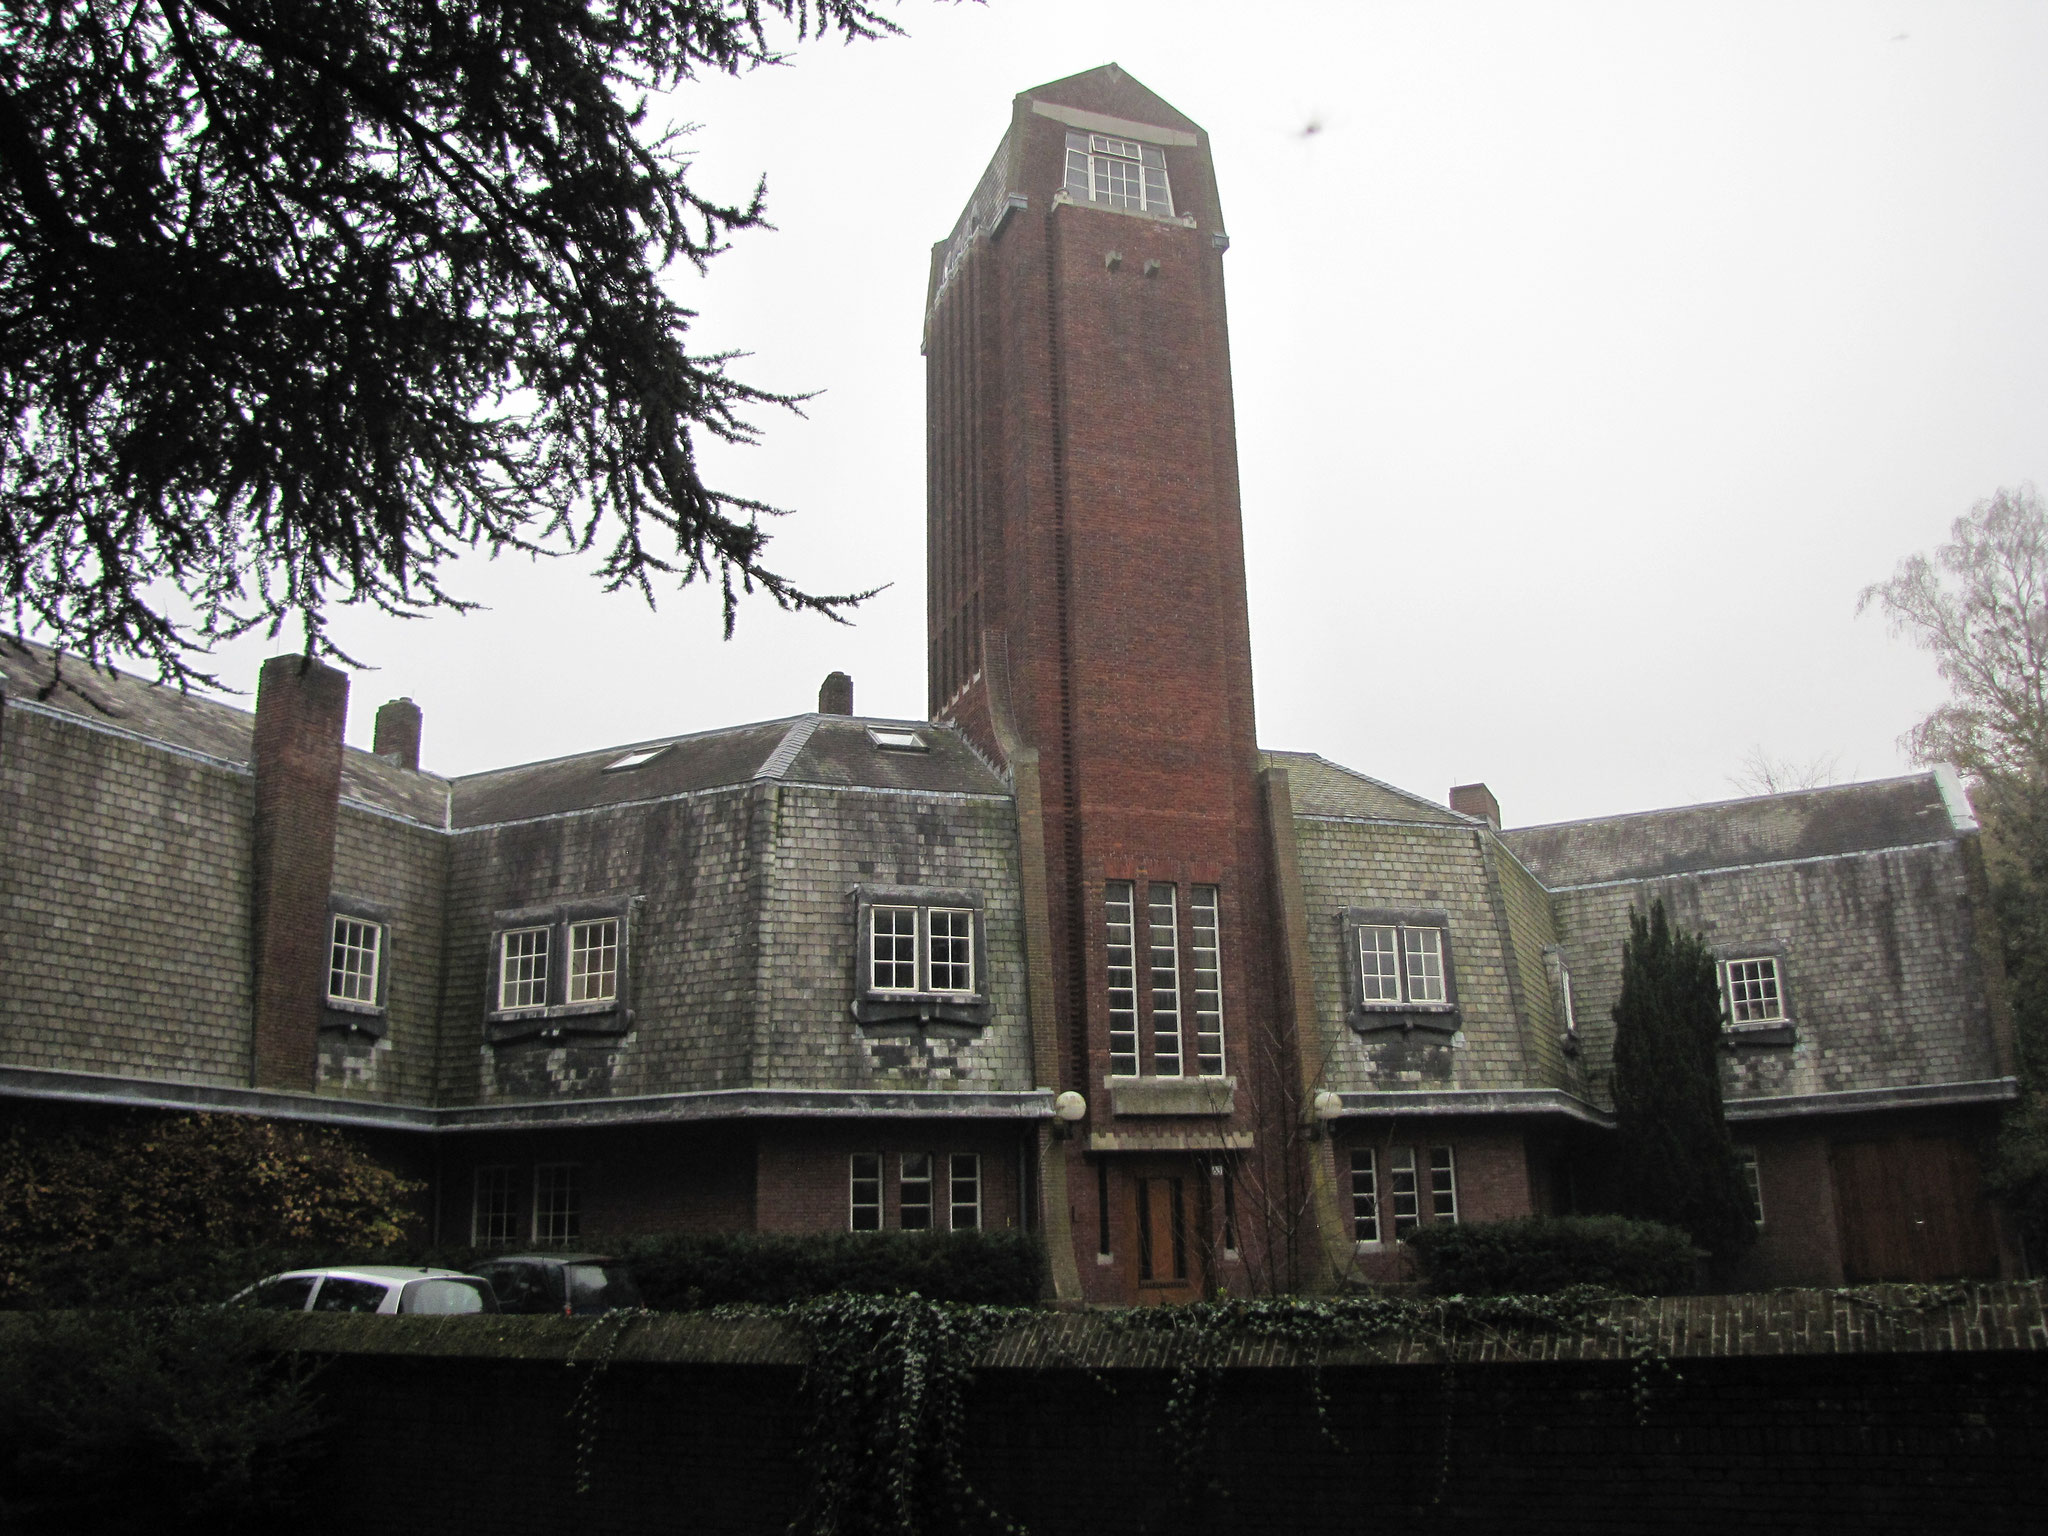 De voorzijde van de villa, met de karakteritieke, twintig meter hoge toren boven de entree.